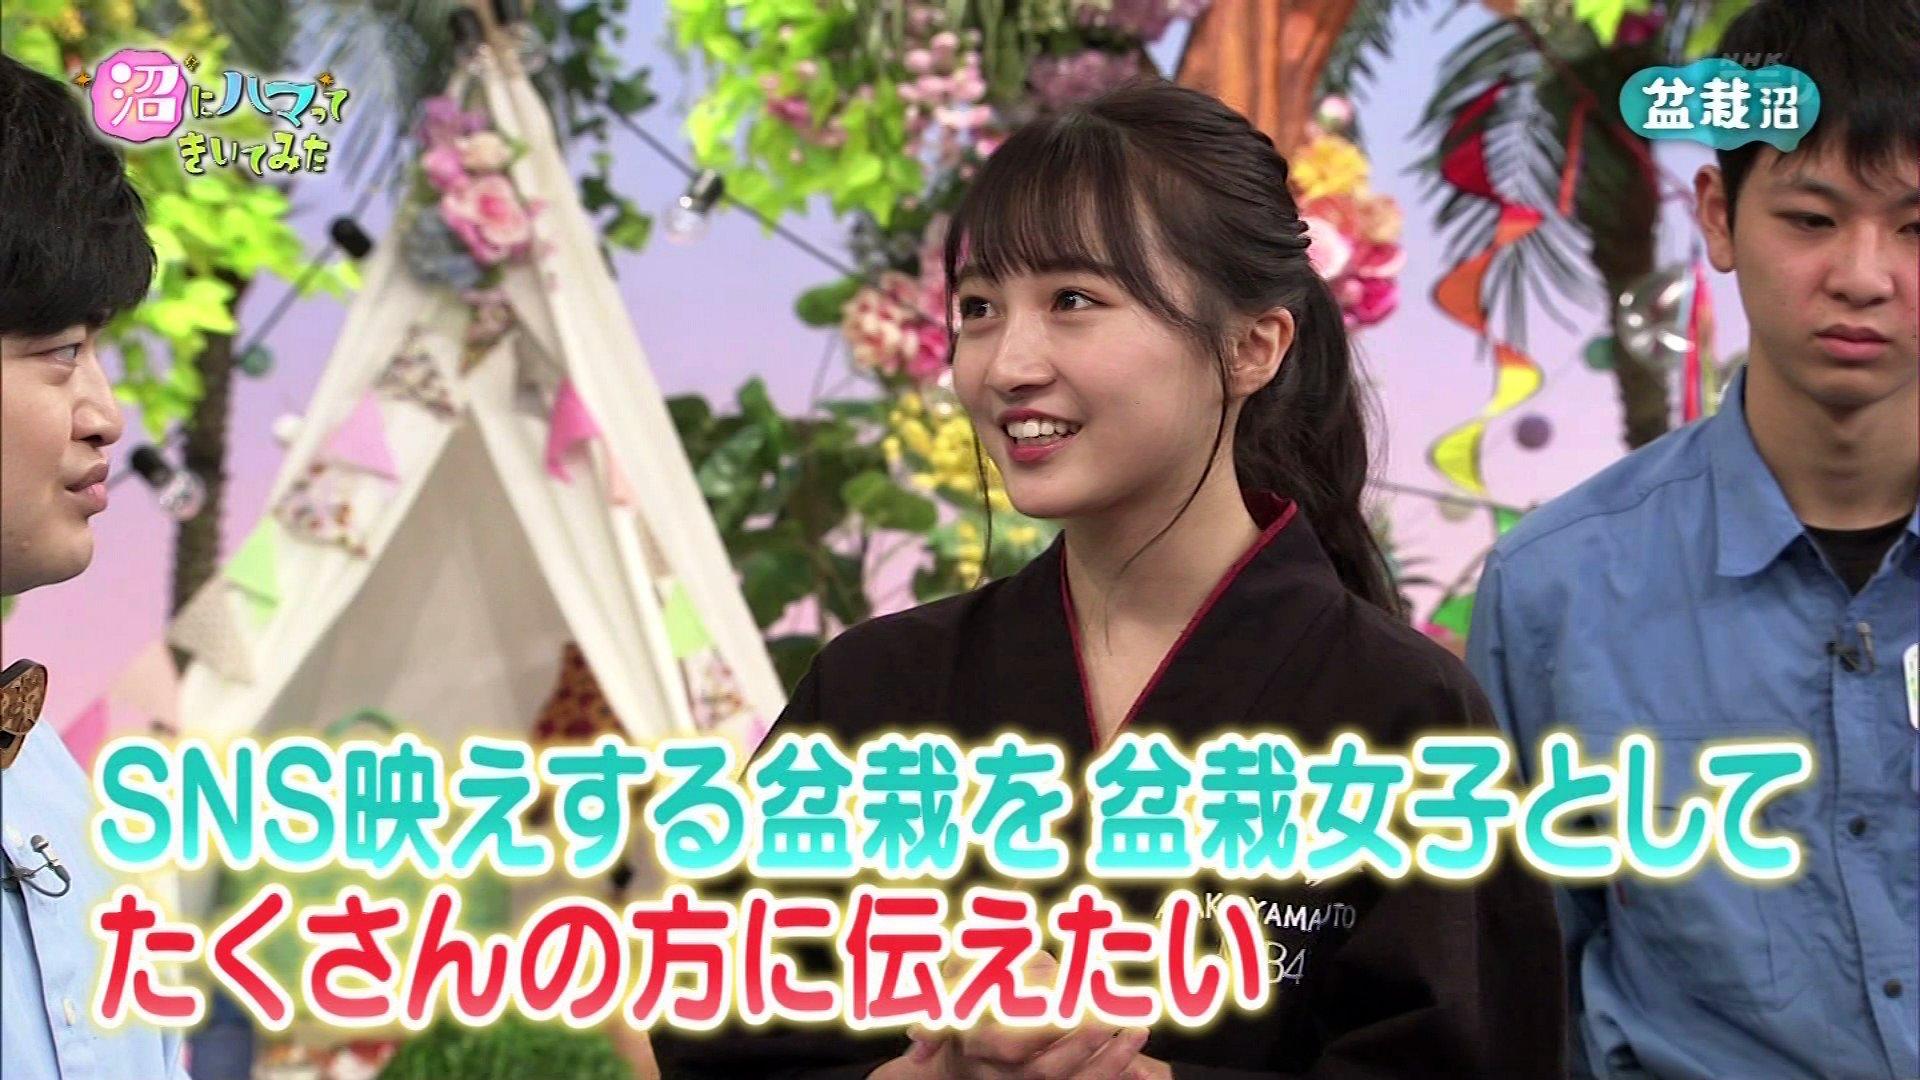 【山本彩加】あーやん出演7月31日「沼にハマってきいてみた・カワイイ!おいしい?盆栽なう」の画像。